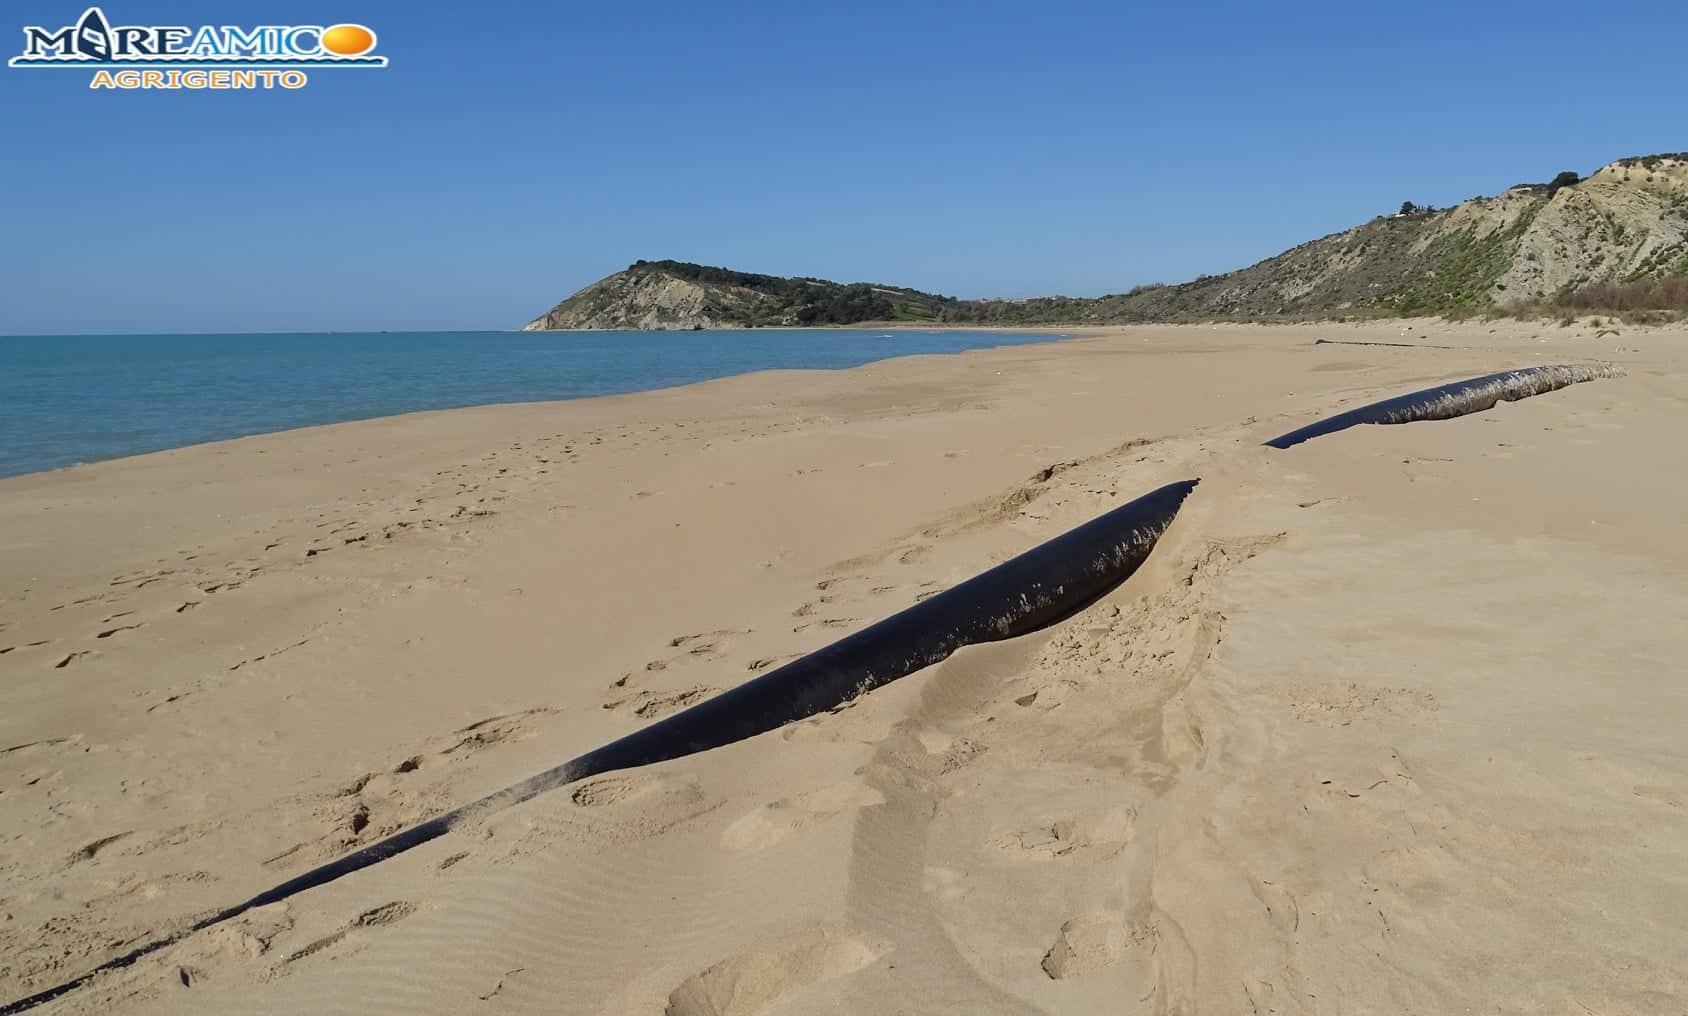 Spiagge siciliane in balìa dei detriti: maxi tubo delle fognature ritrovato dagli ambientalisti